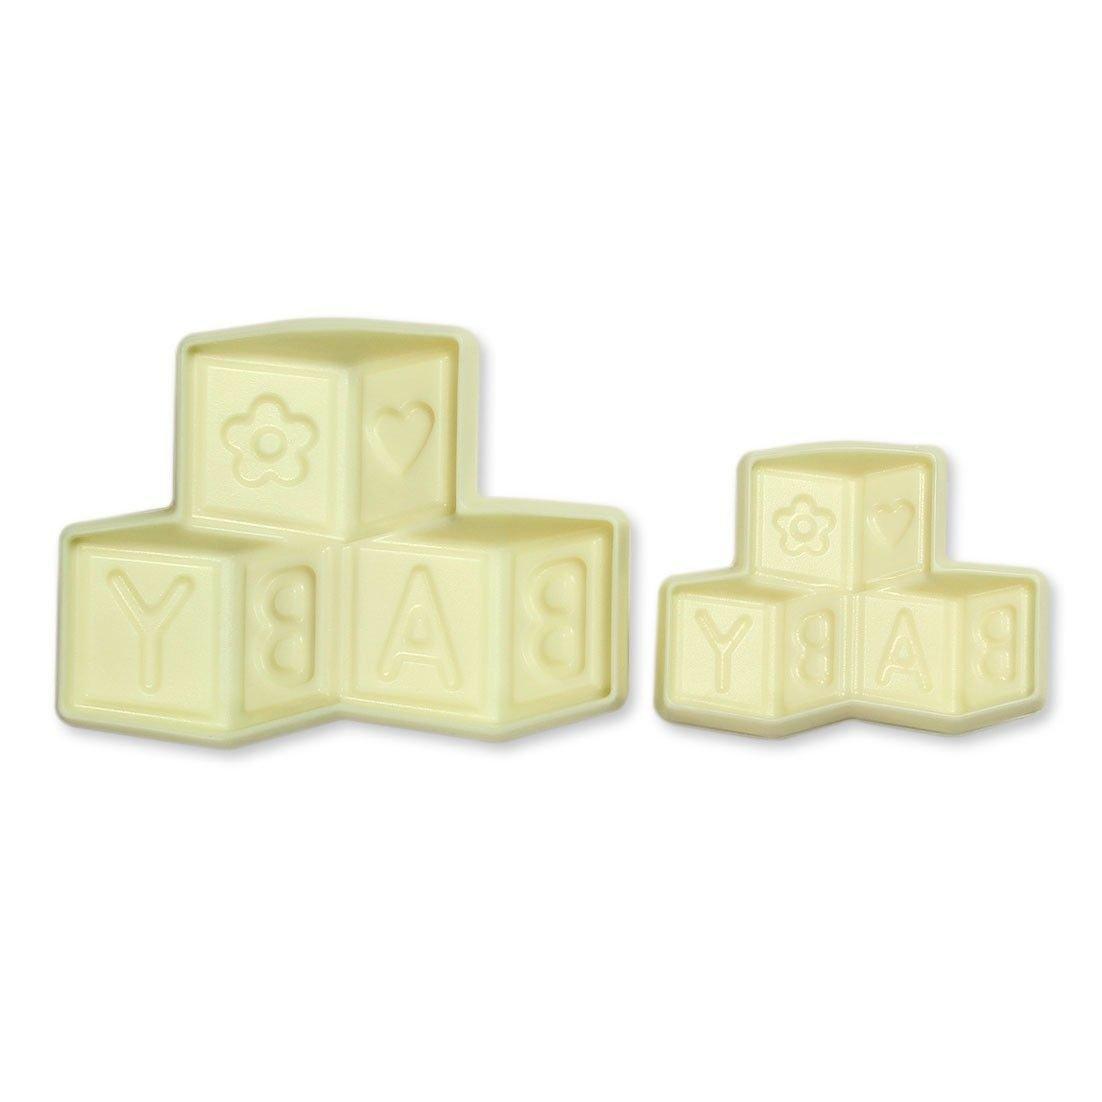 SALE!!! JEM Pop It Mould -BUILDING BLOCKS -Καλούπι Τουβλάκια 2 τεμ